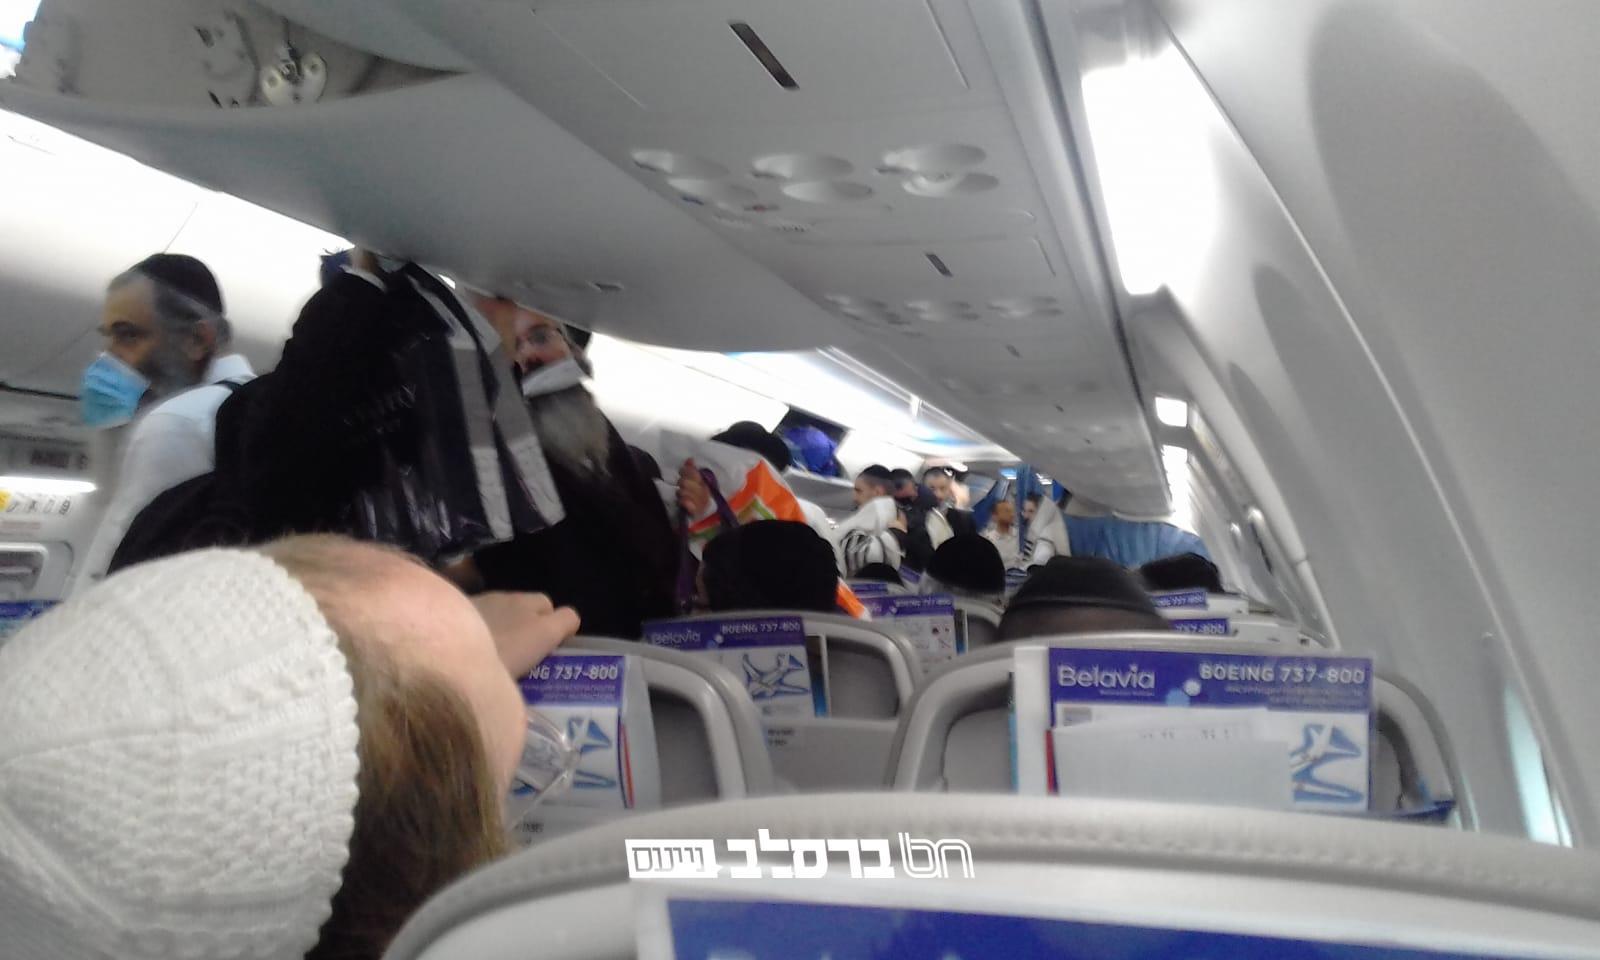 ושוב הסתה • בניגוד לנהוג, במשרד הבריאות מזהירים: חולי קורונה התגלו בטיסות מבלארוס ואוקראינה